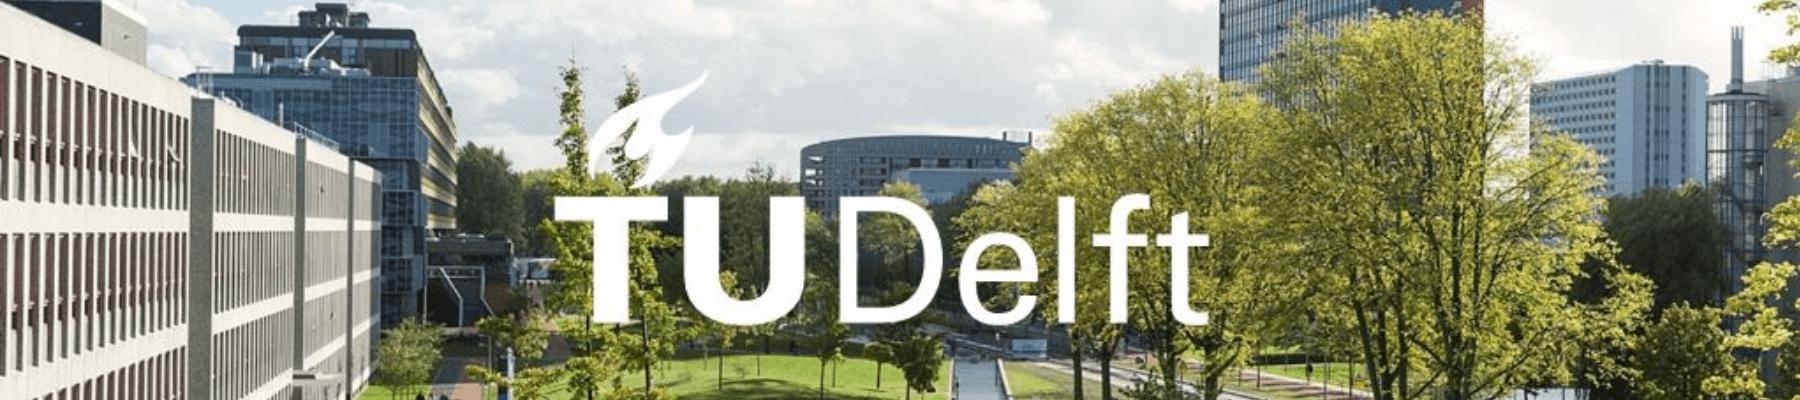 TU Delft Campus // PerfectXL